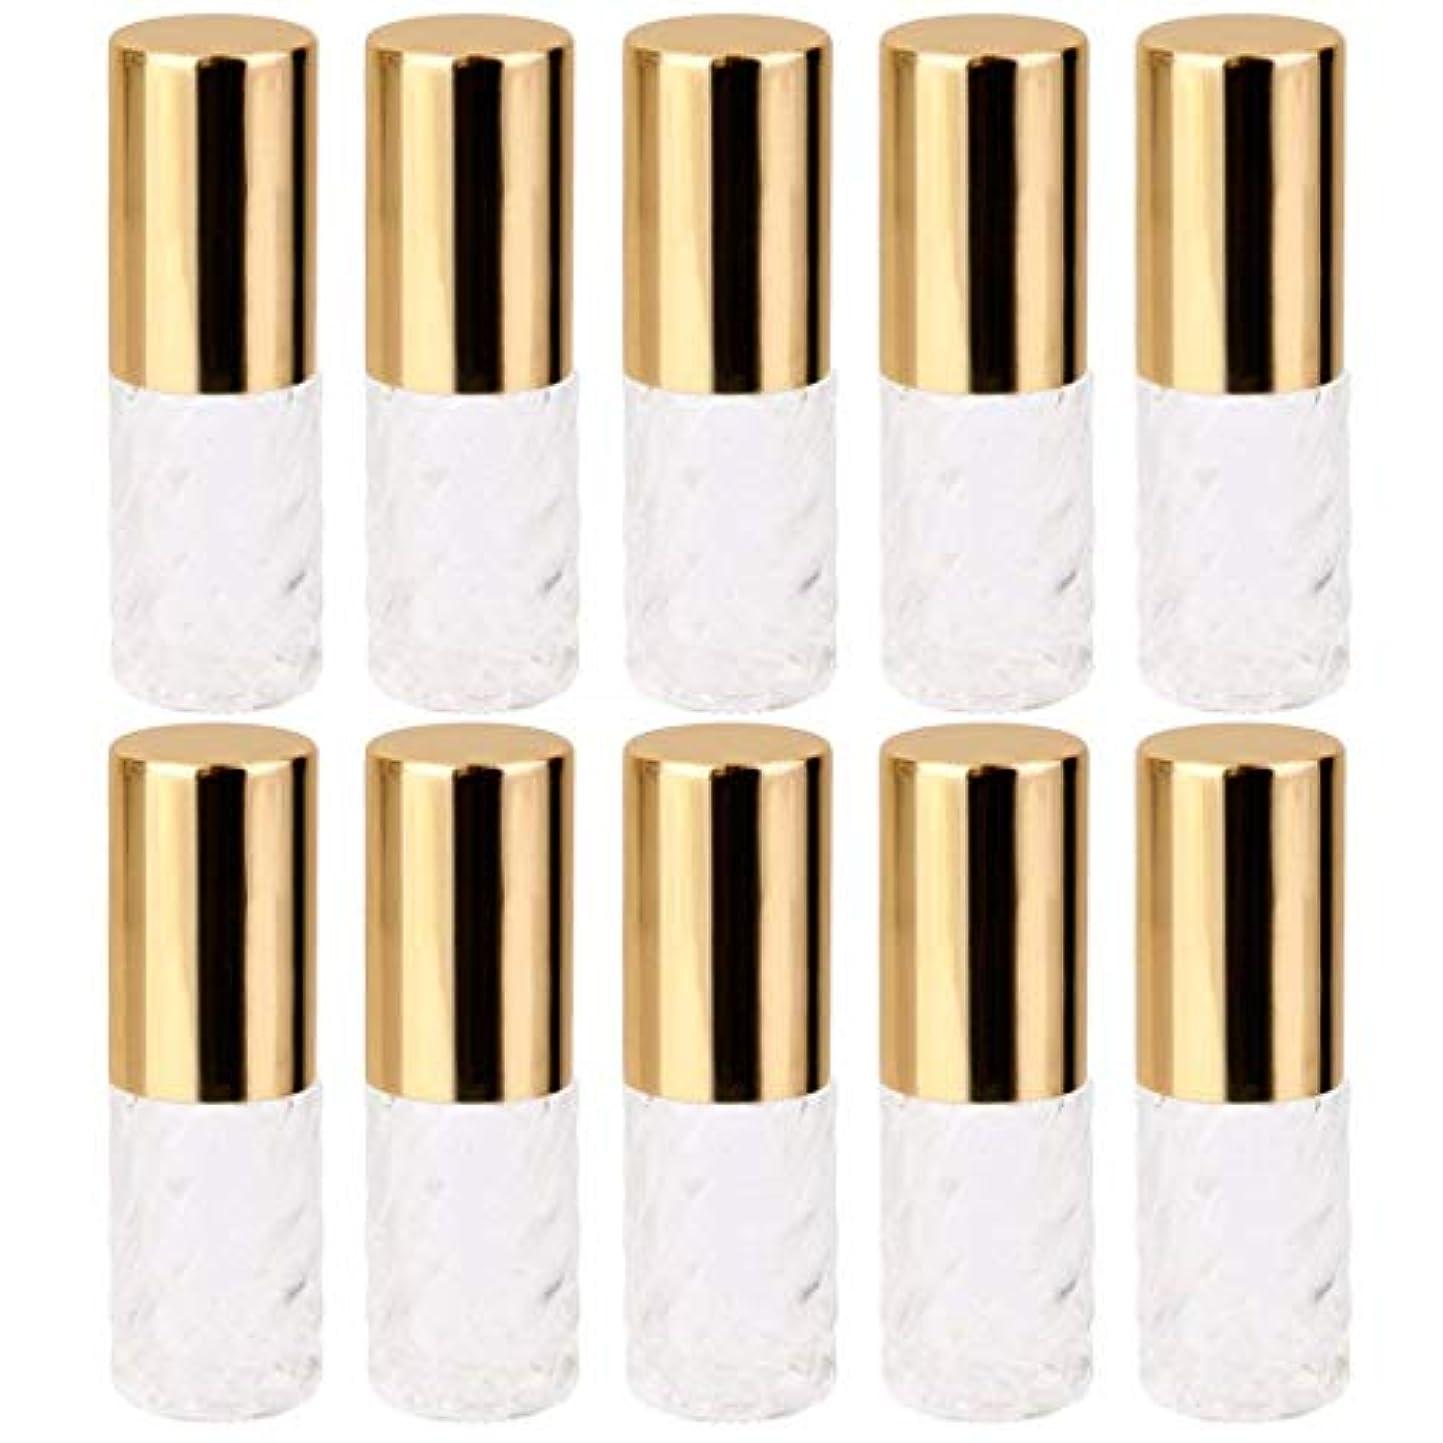 修士号精算王室10個 5ml 透明 交換 旅行 空 ロールオン ガラス 香水瓶 容器 コスメ 詰替え 便利